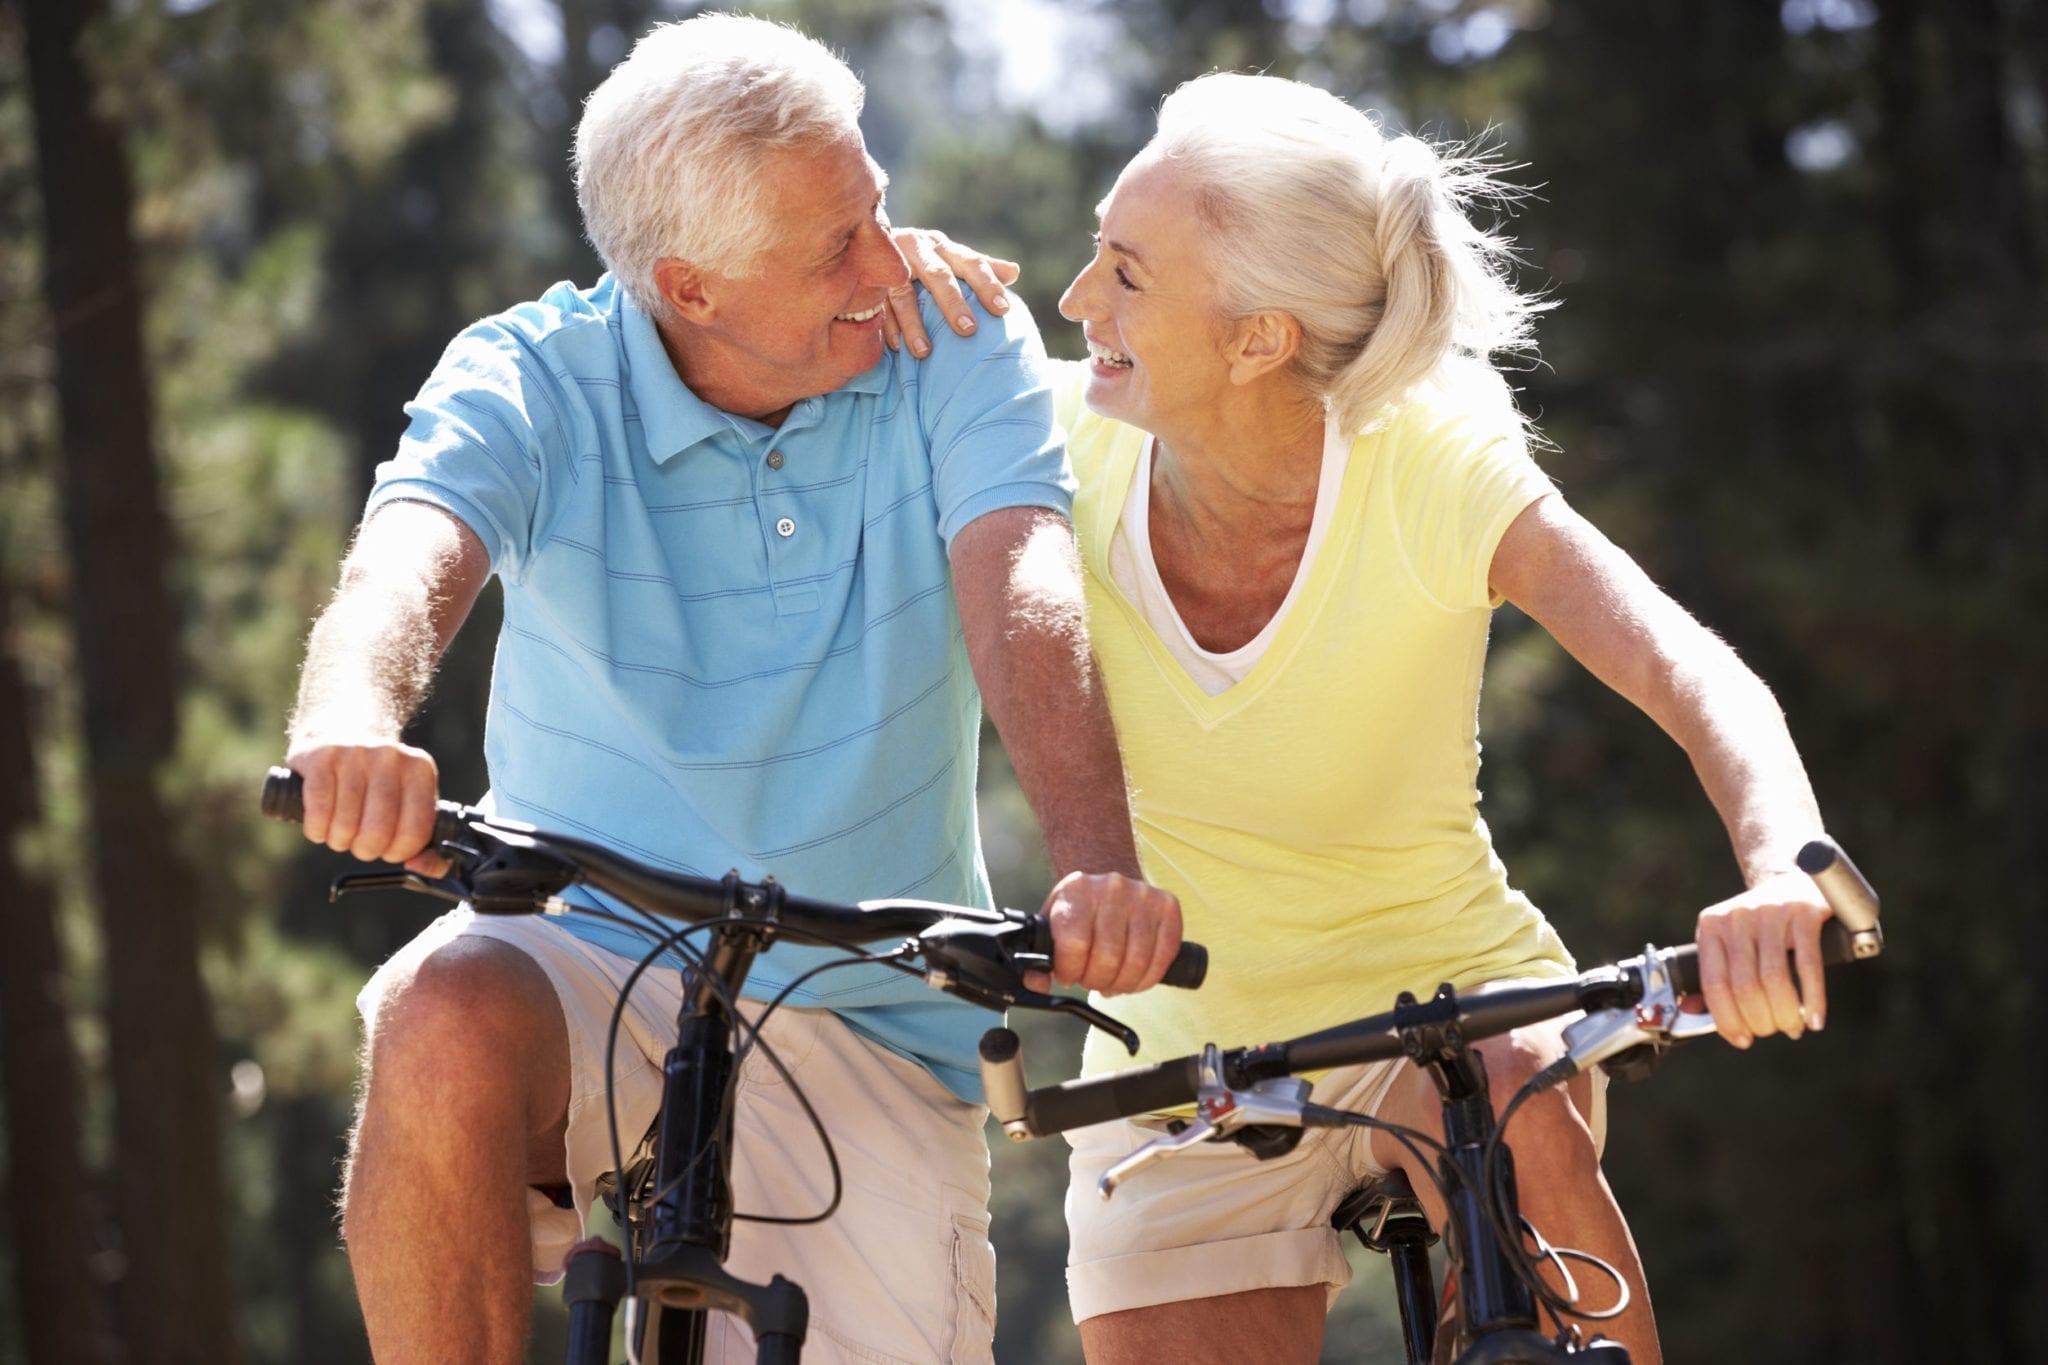 15 نصيحة علمية حول الصحة- مارس تمارين الأيروبكس أو المشي قليلاً